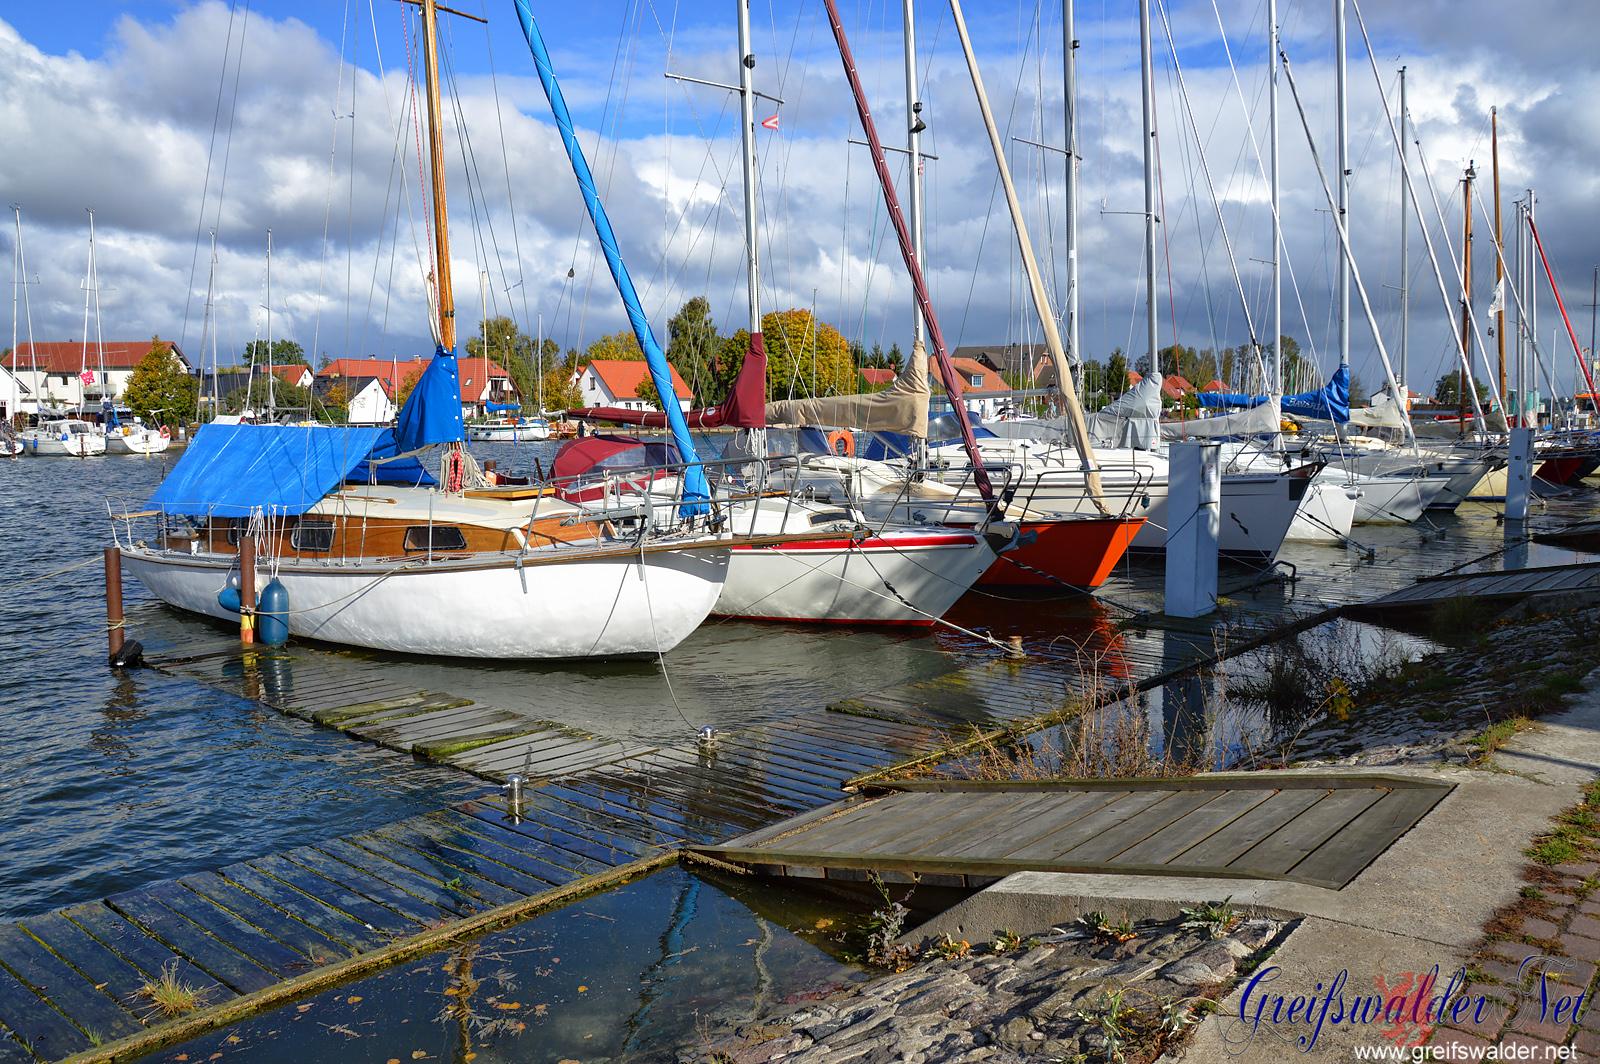 Erhöhter Wasserstand in Greifswald-Wieck